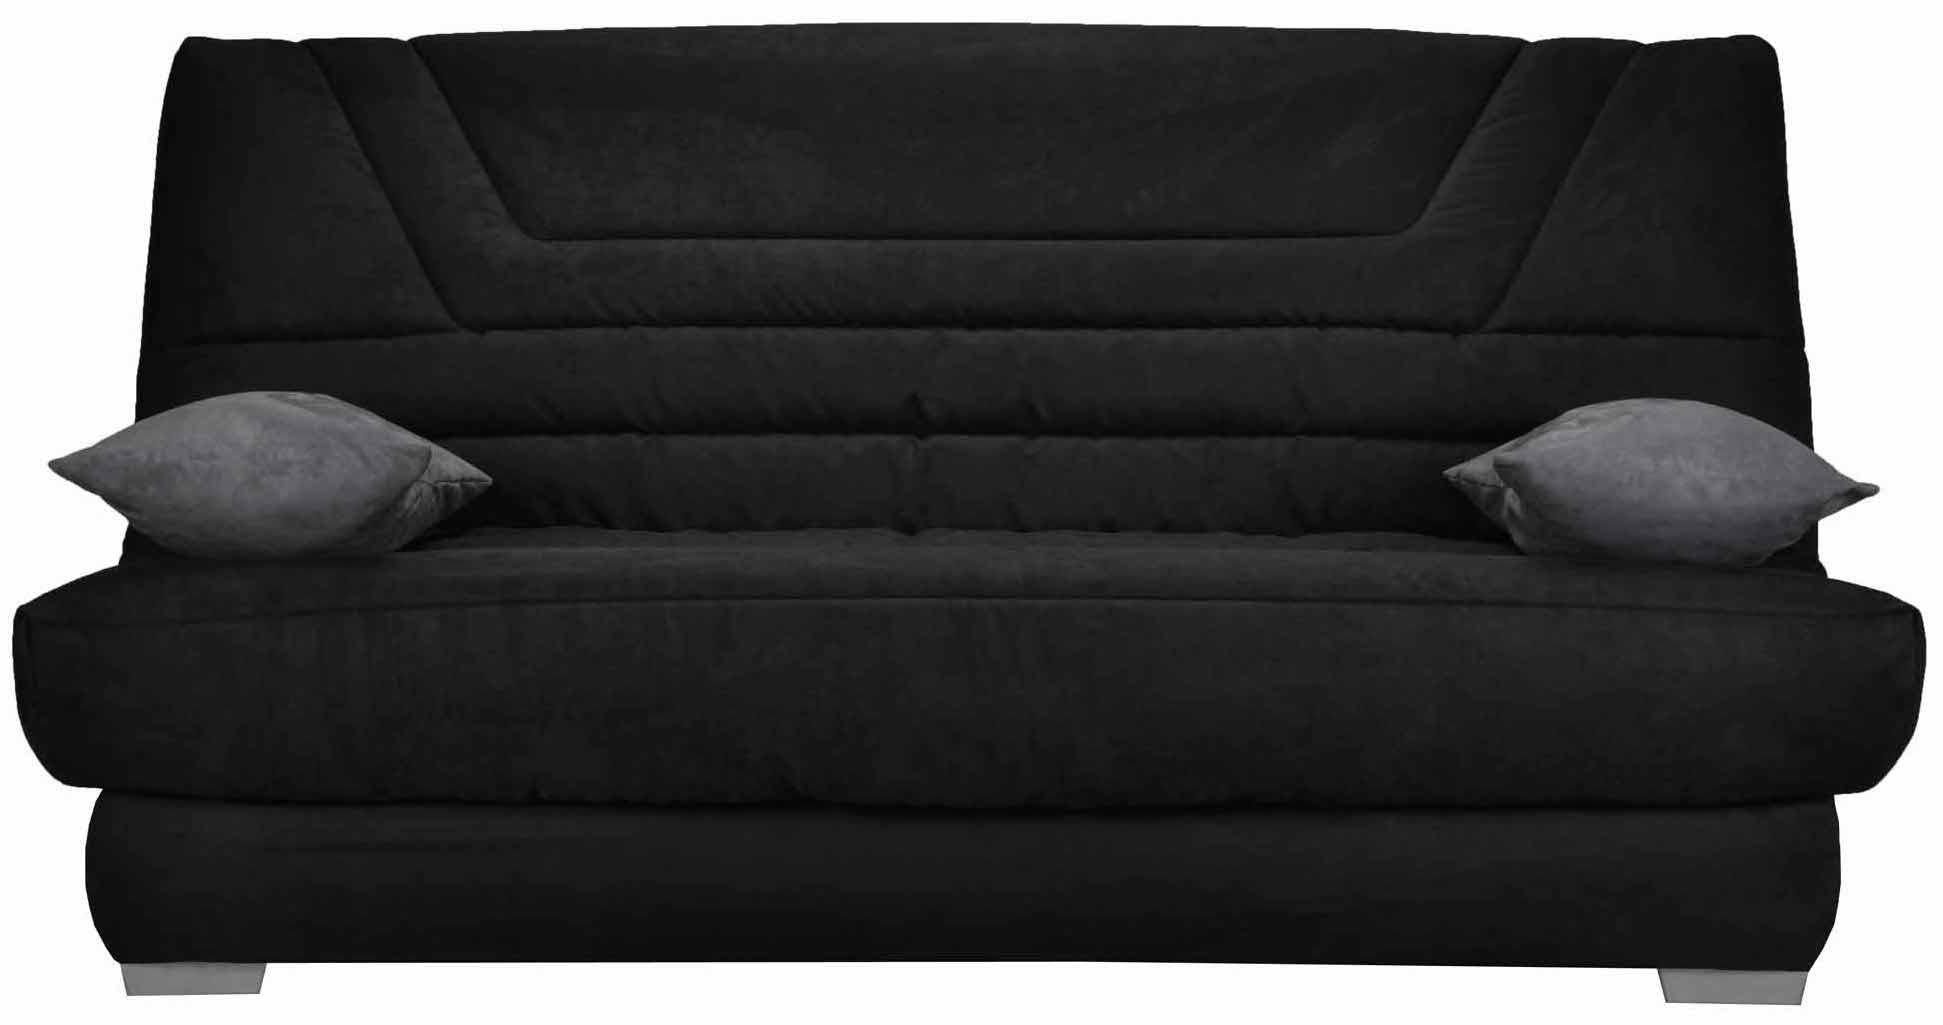 clic clac noir bari matelas bultex. Black Bedroom Furniture Sets. Home Design Ideas